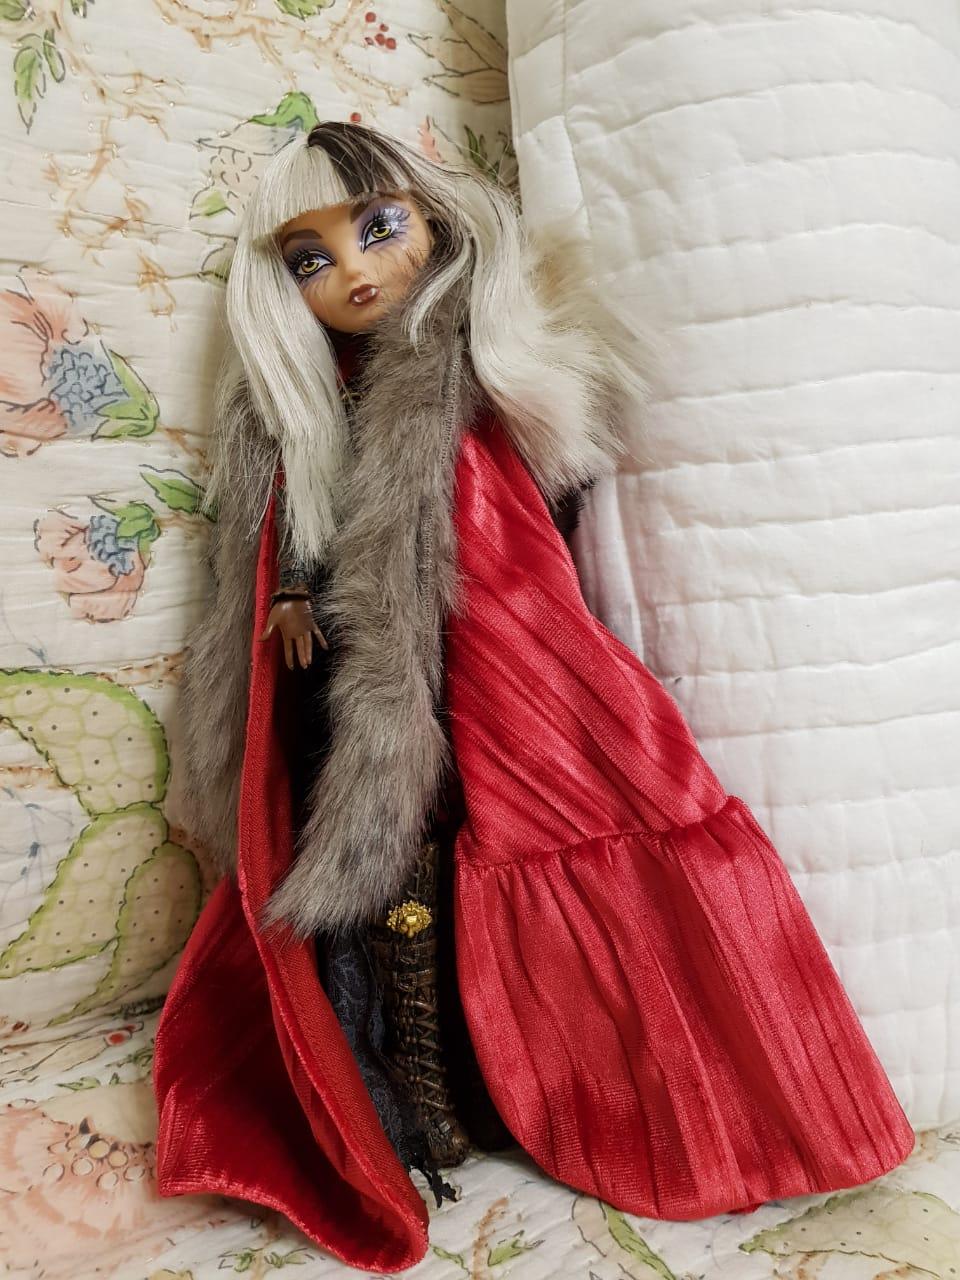 мой фотоальбом. Блиц: стильная кукла